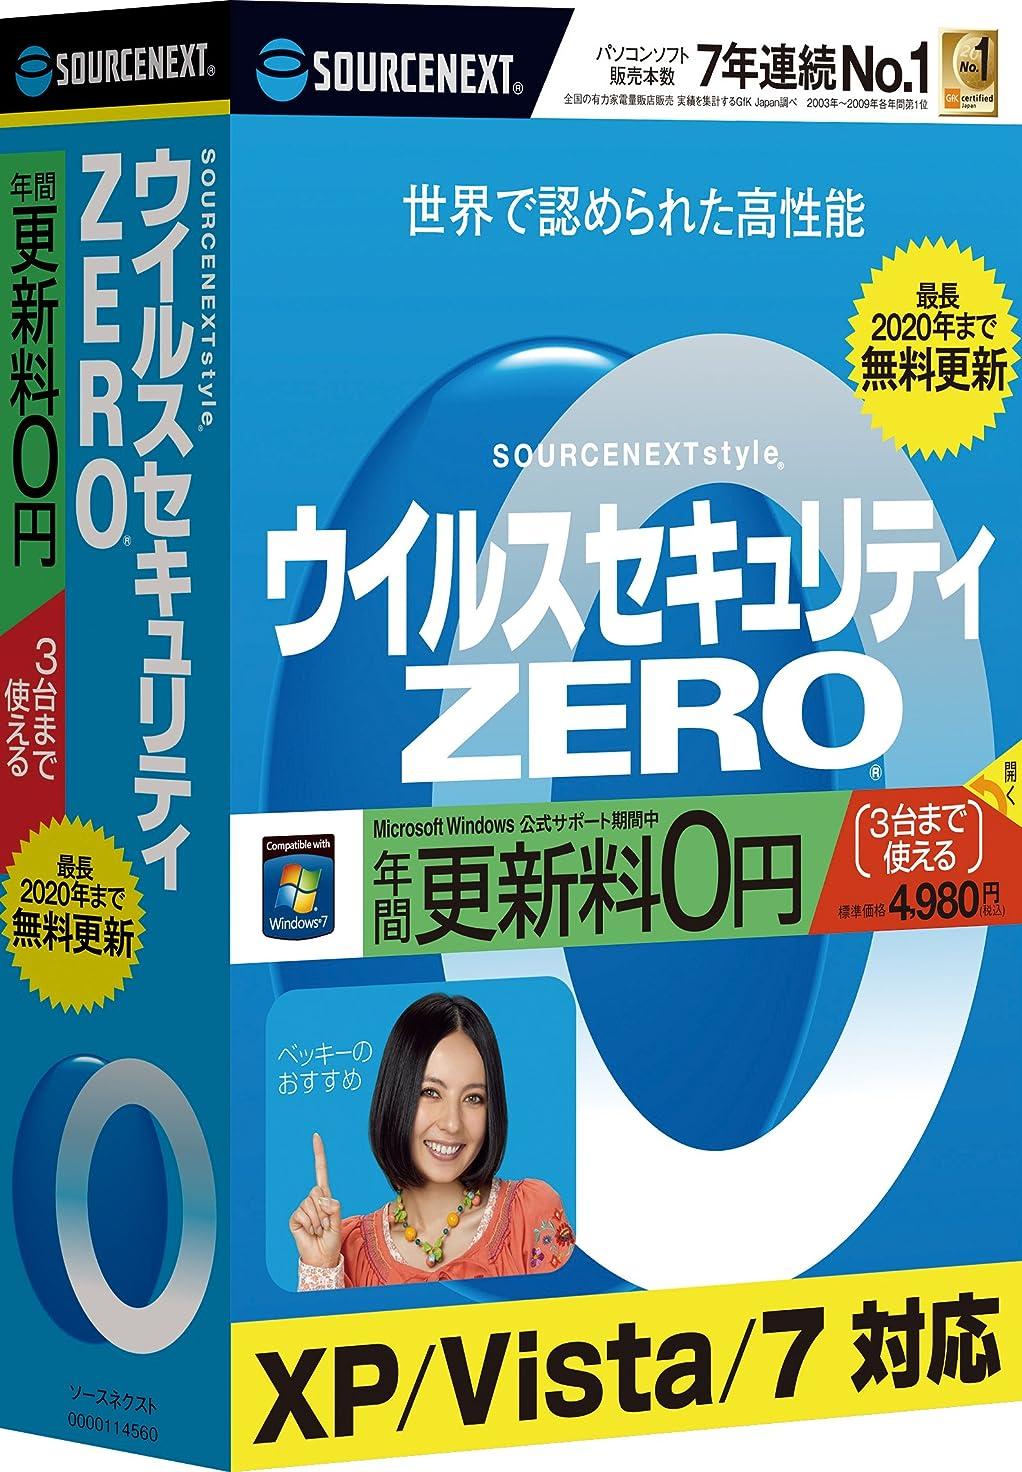 熟達パース光沢のあるウイルスセキュリティZERO 3台用 (CD版) 新パッケージ(旧版)